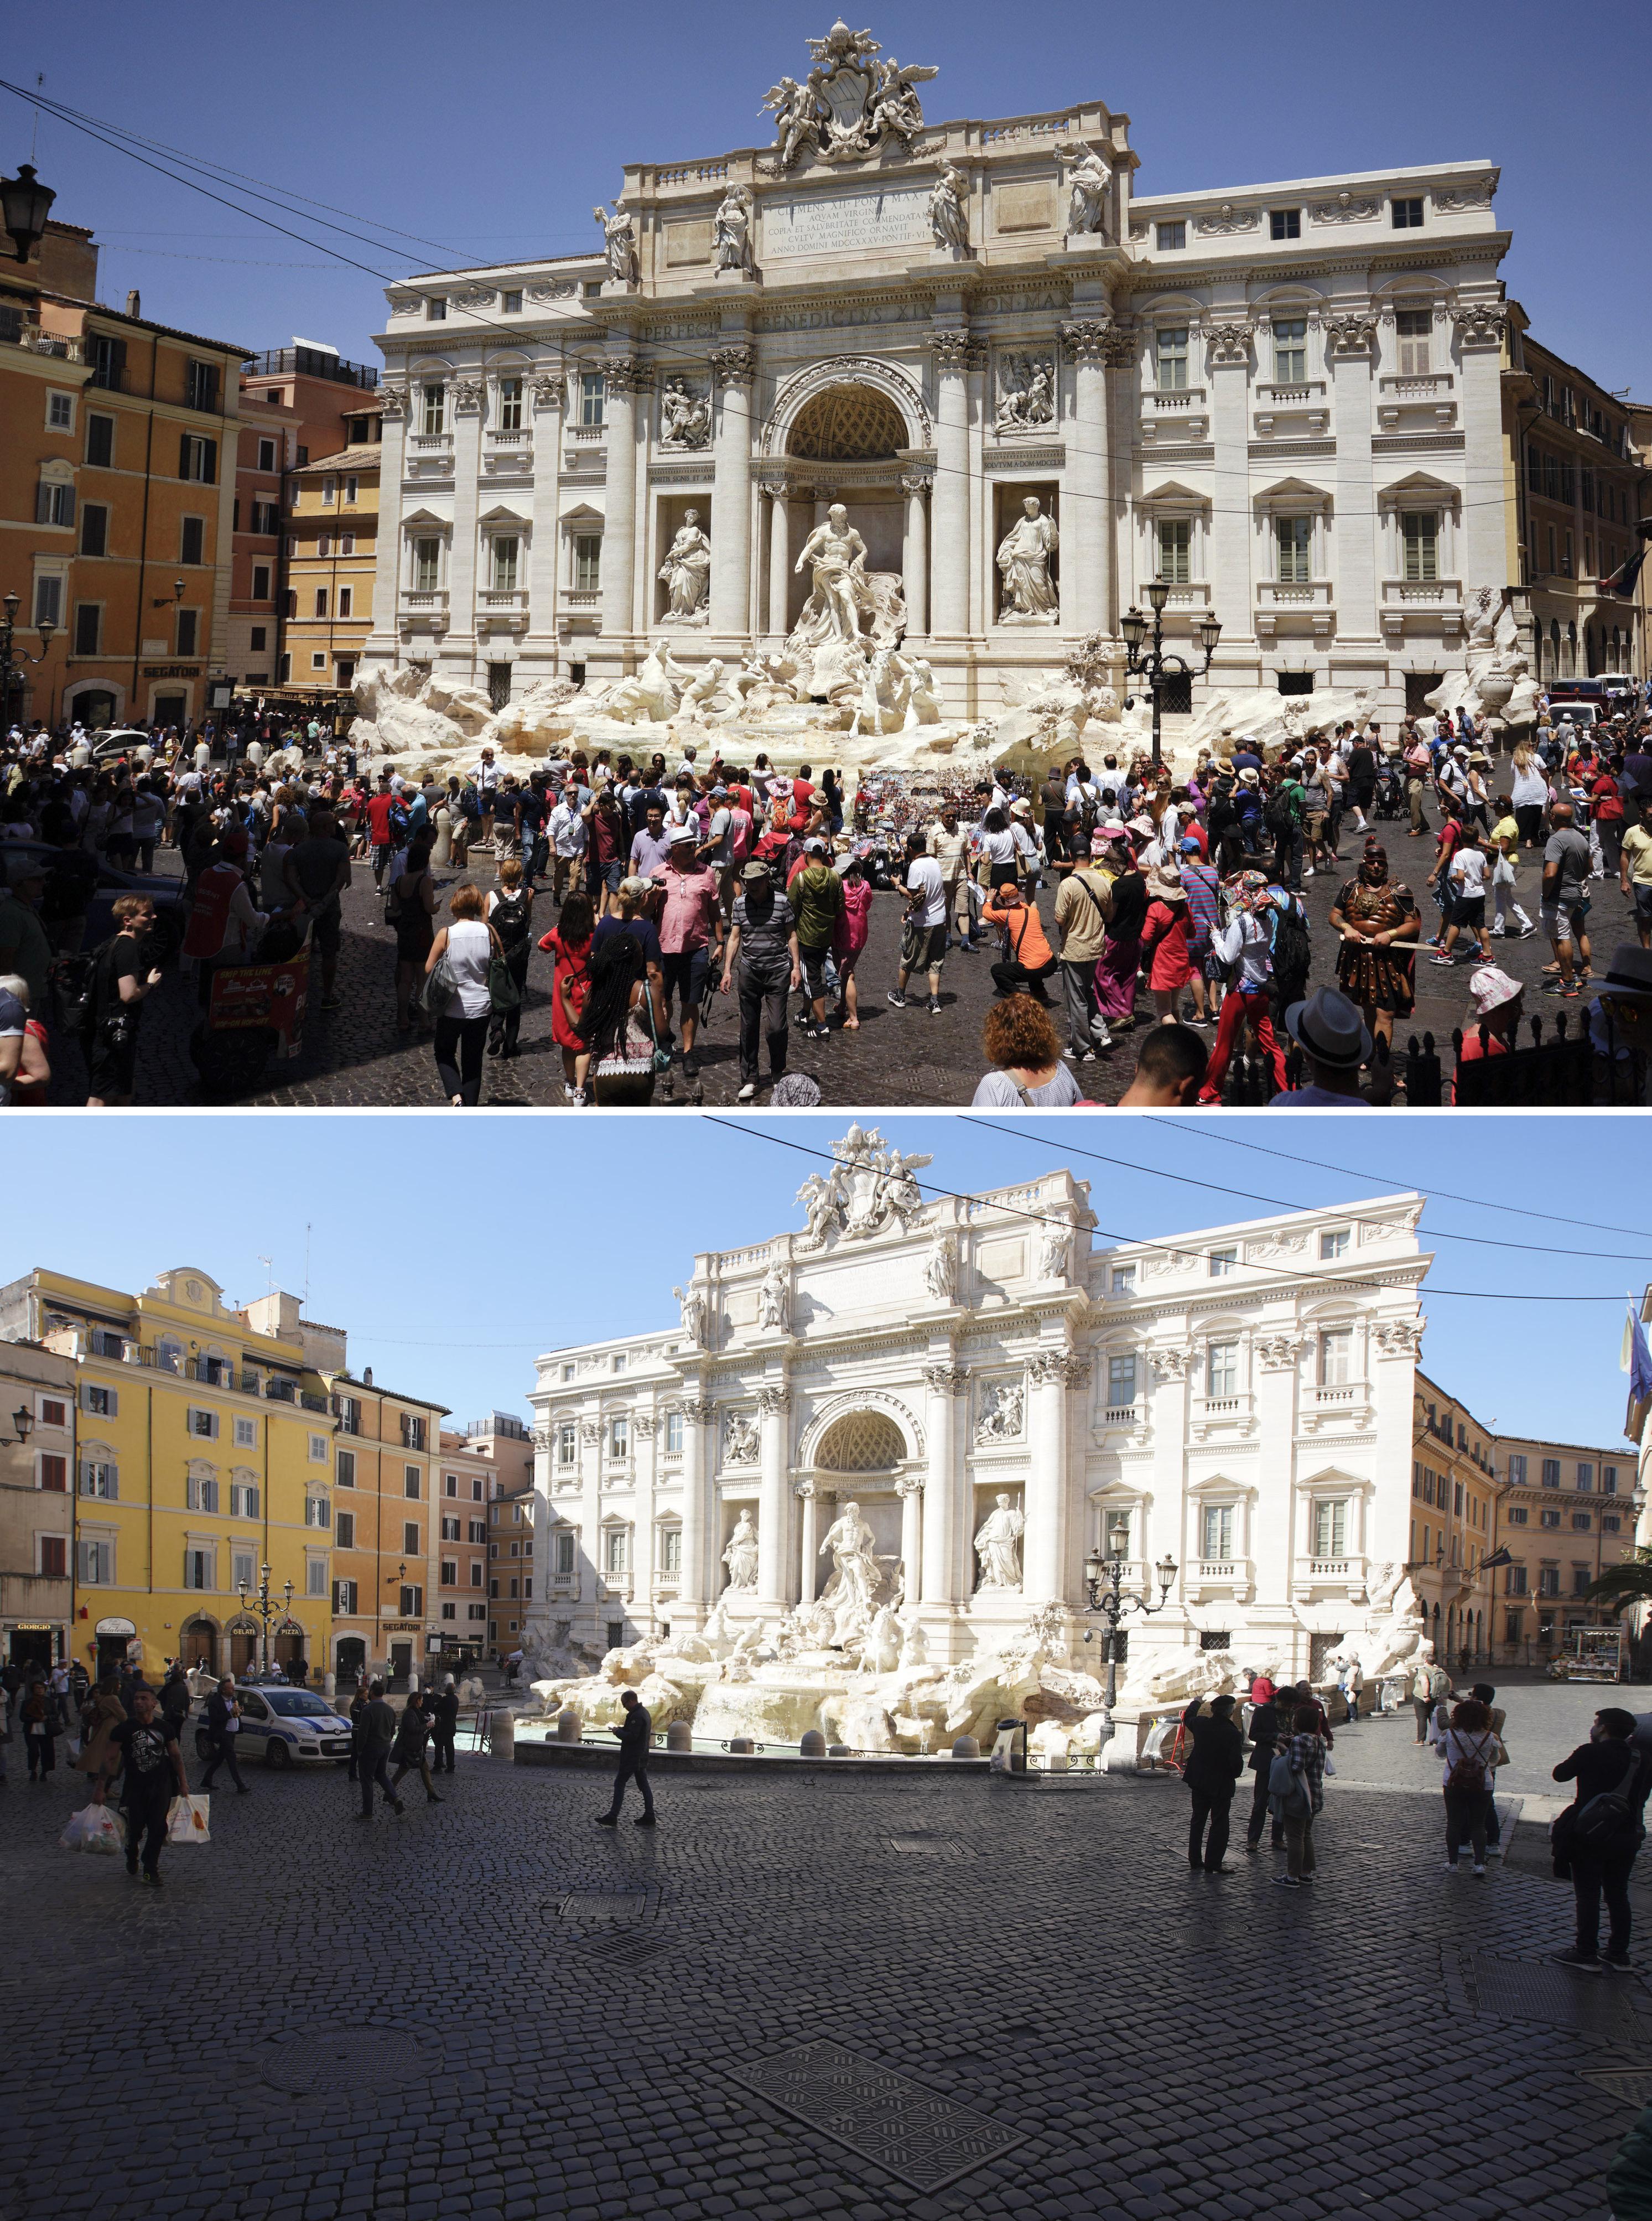 ARCHIVO - En esta imagen combinada, gente caminando en torno a la Fontana de Trevi, en Roma, a las 9:48 del lunes 12 de junio de 2017, arriba, y a las 13:00 del miércoles 11 de marzo de 2020. El grave brote de un nuevo coronavirus en Italia ha vaciado los monumentos de turistas y romanos. (AP Foto/Andrew Medichini)